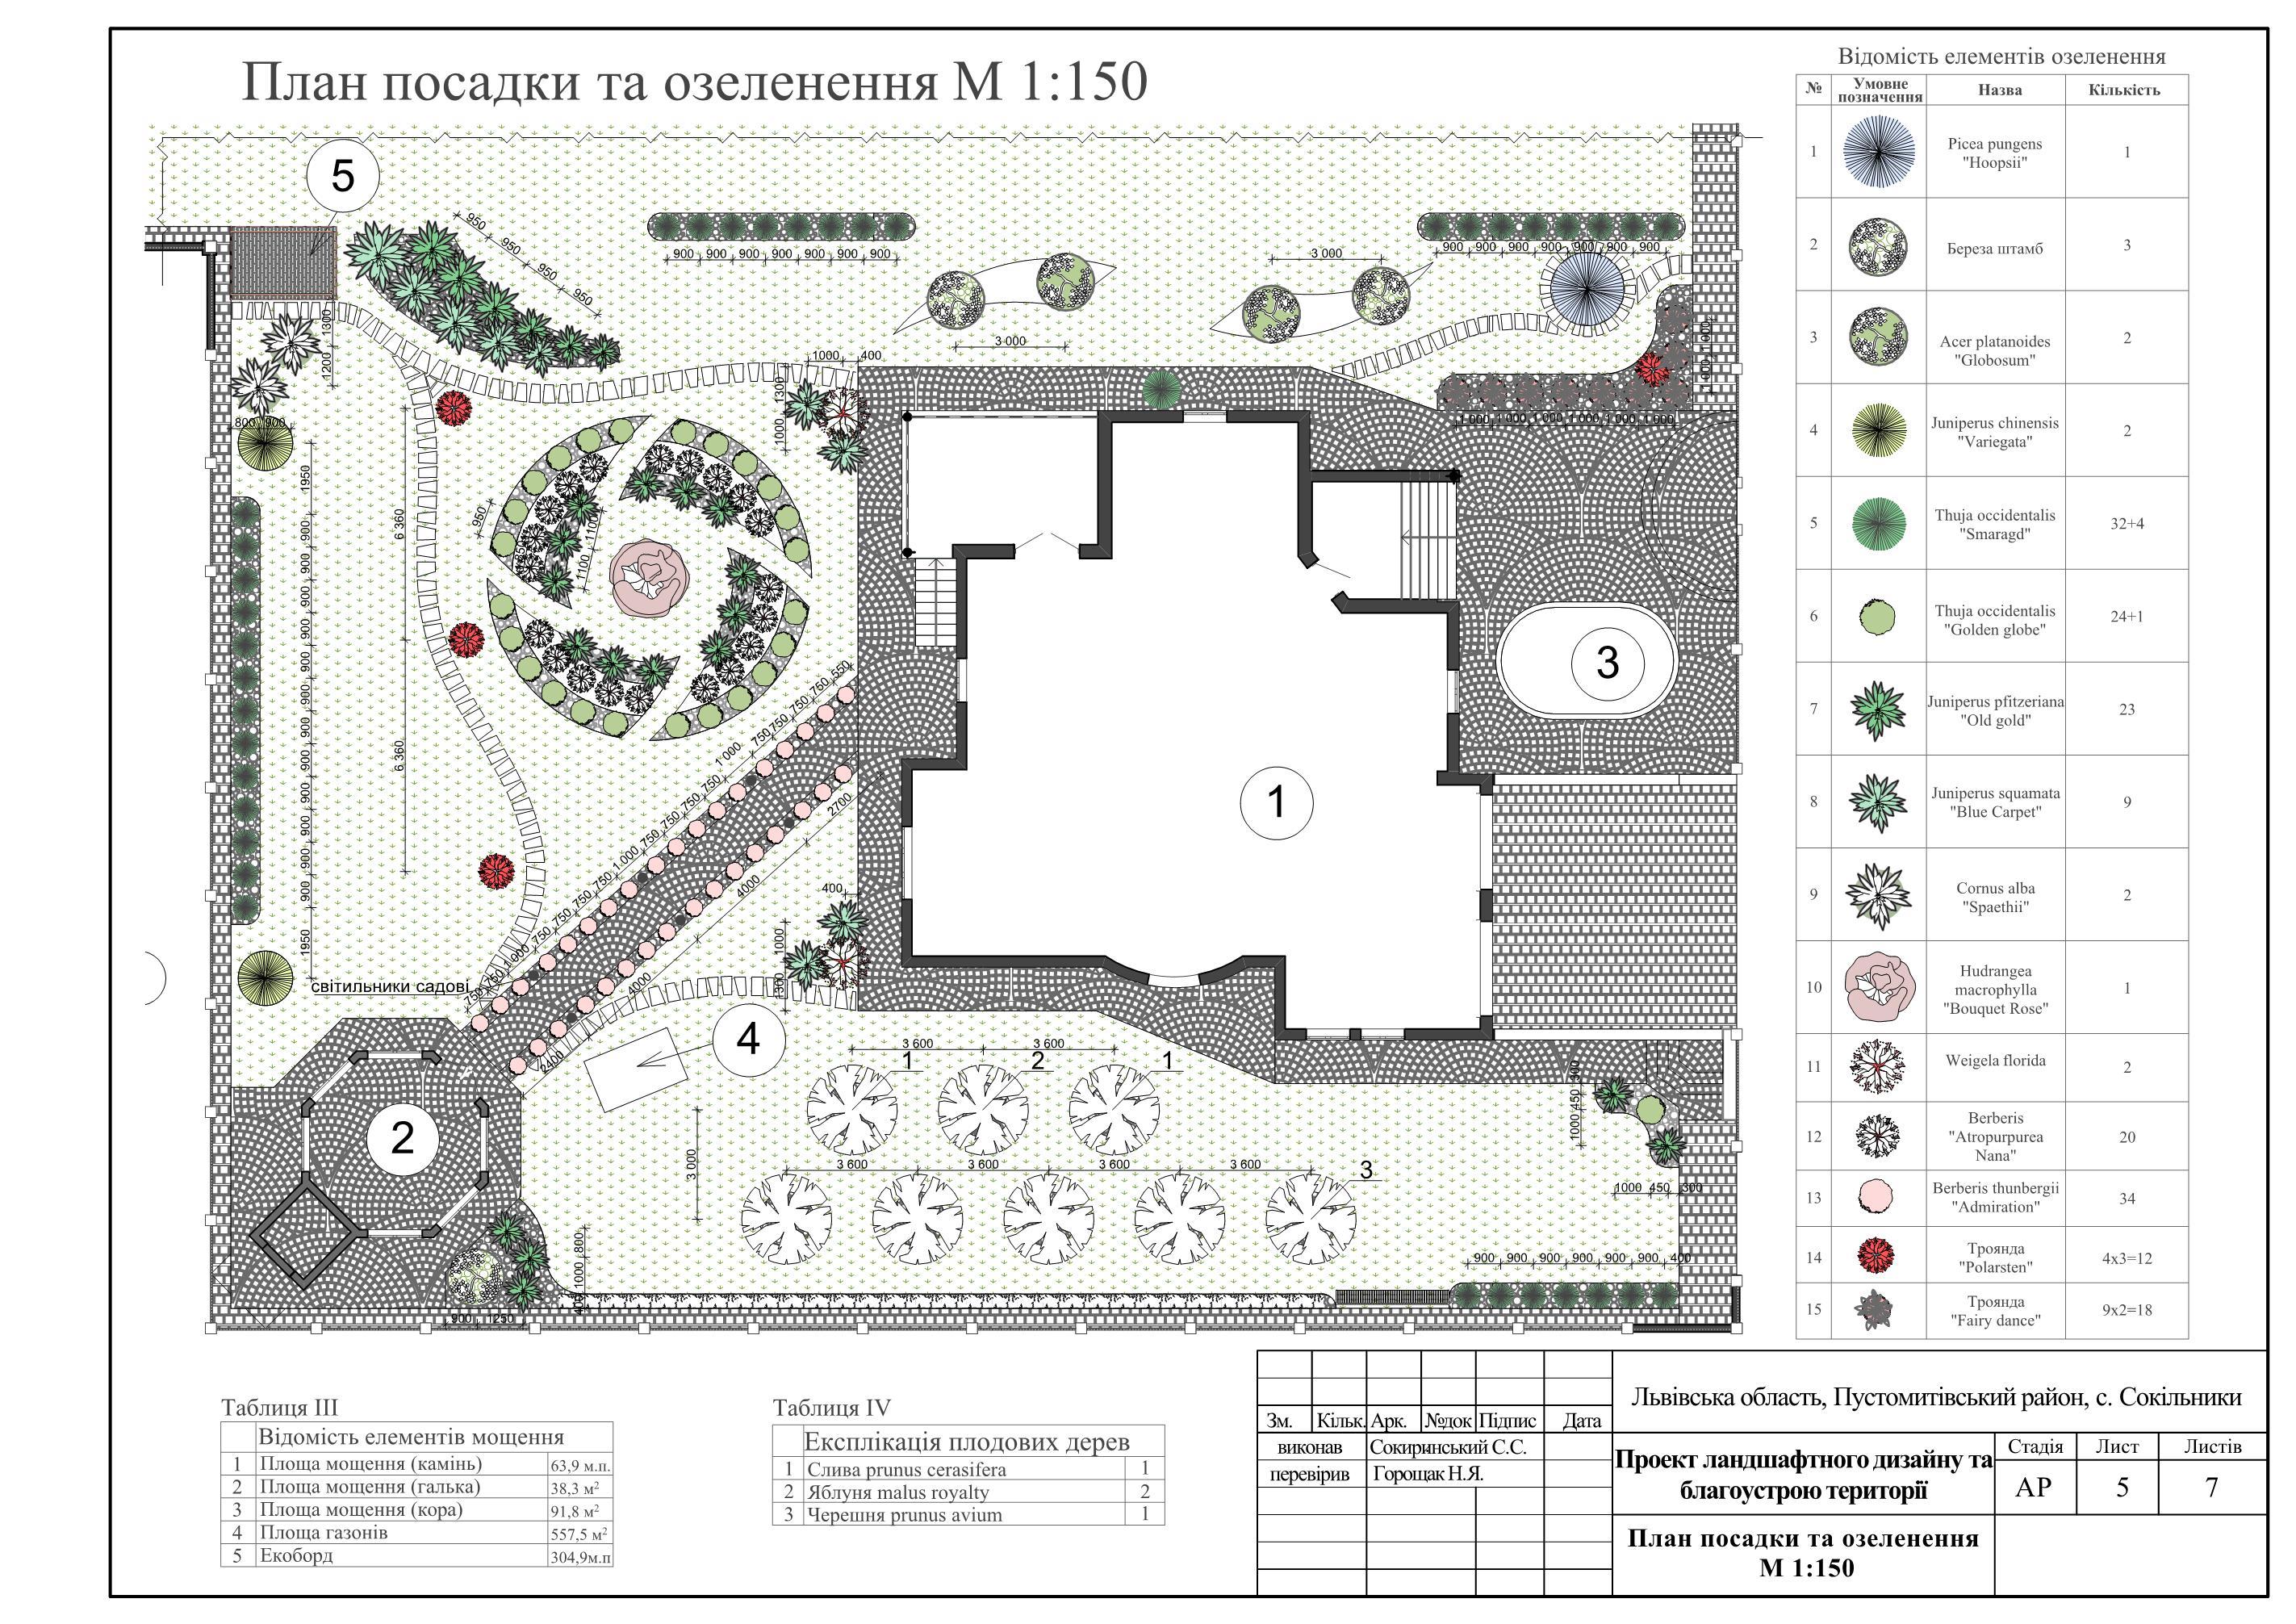 Договор дизайн проекта ландшафта